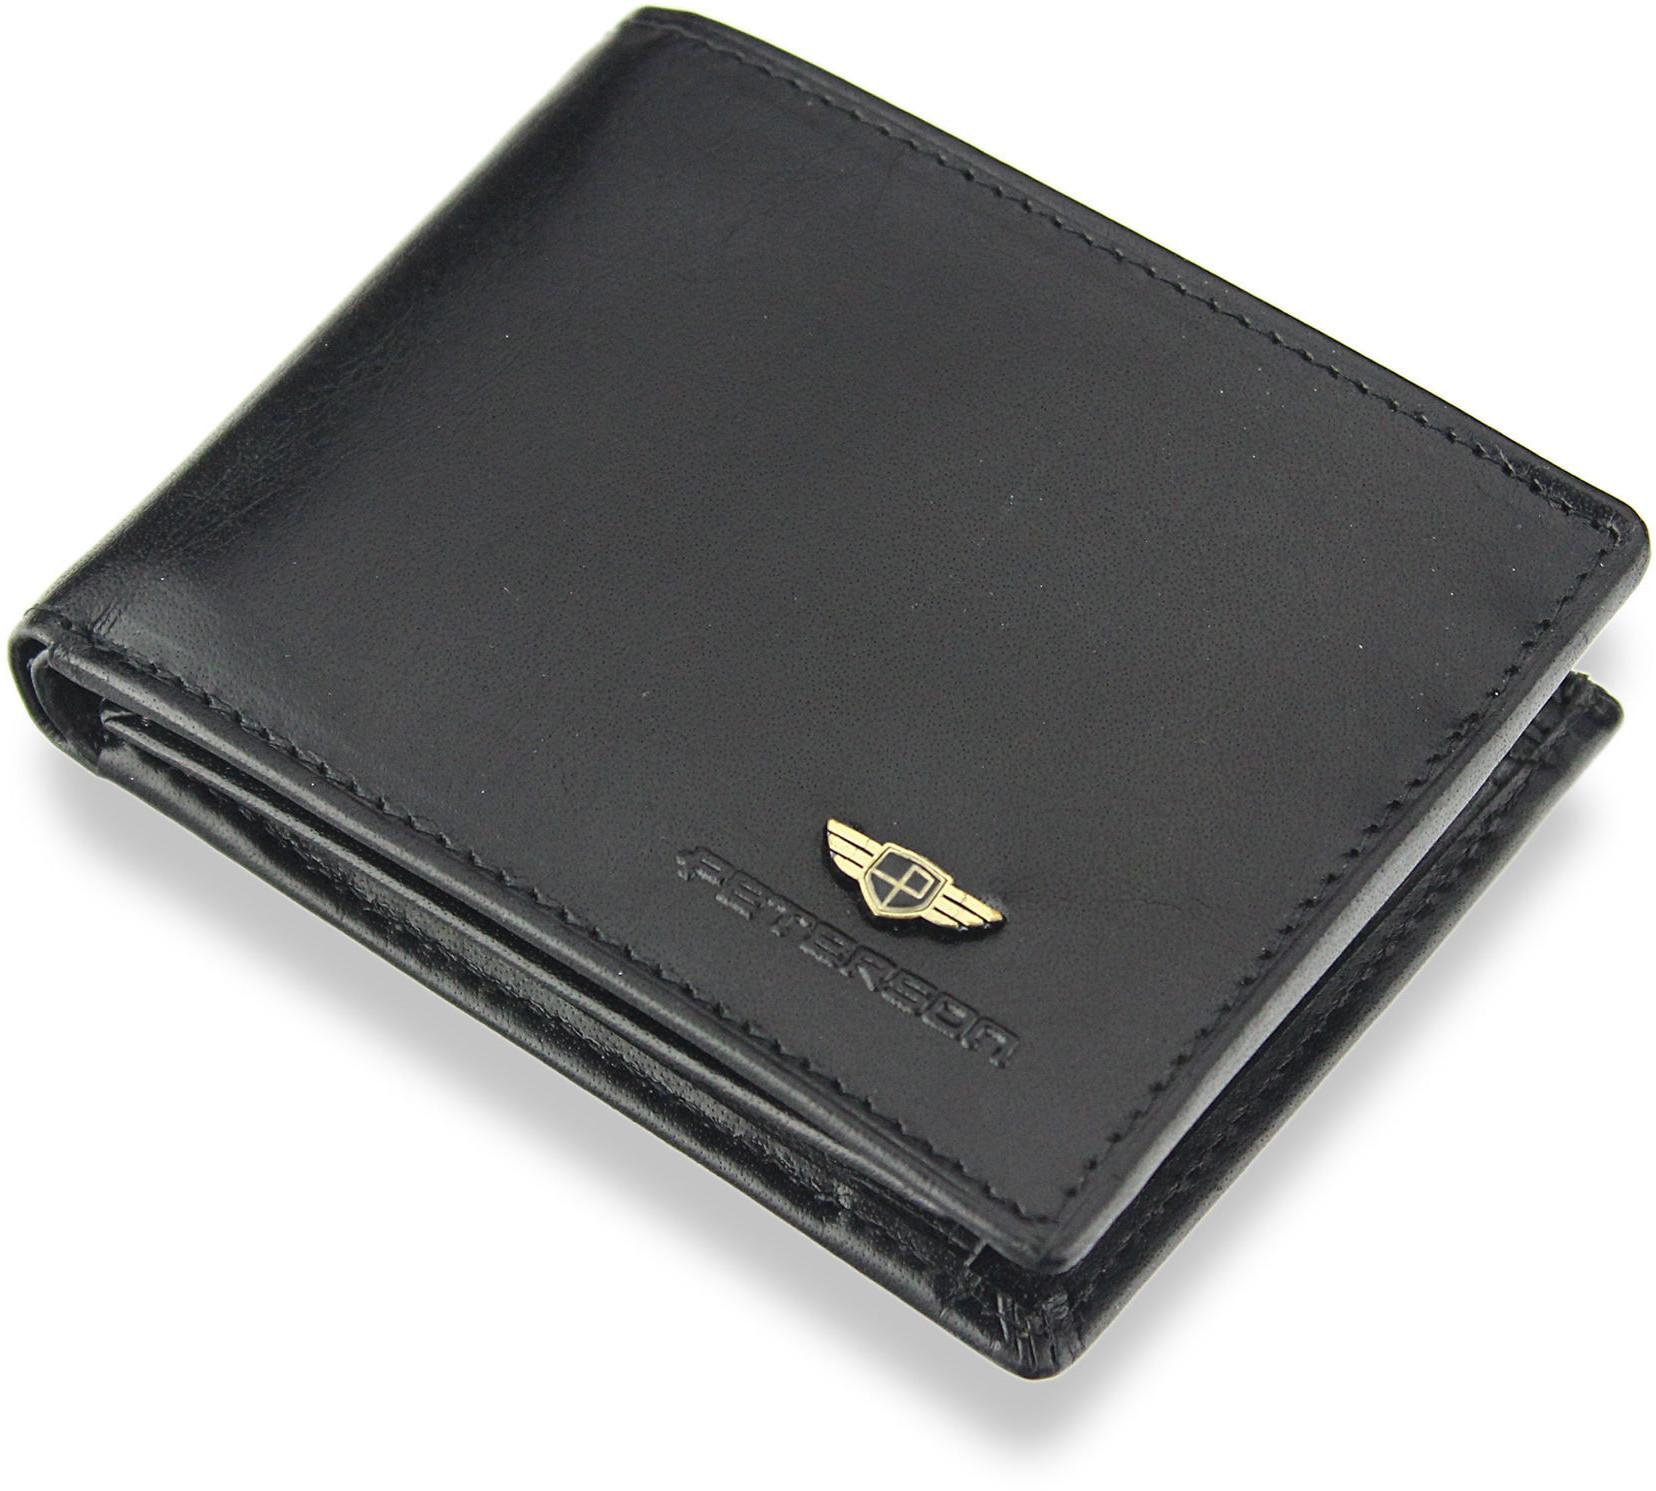 a956f746637c7 Peterson Kompaktowy Portfel Męski Skórzany Mały Zgrabny Poziomy Czarny  SYSTEM RFID 367